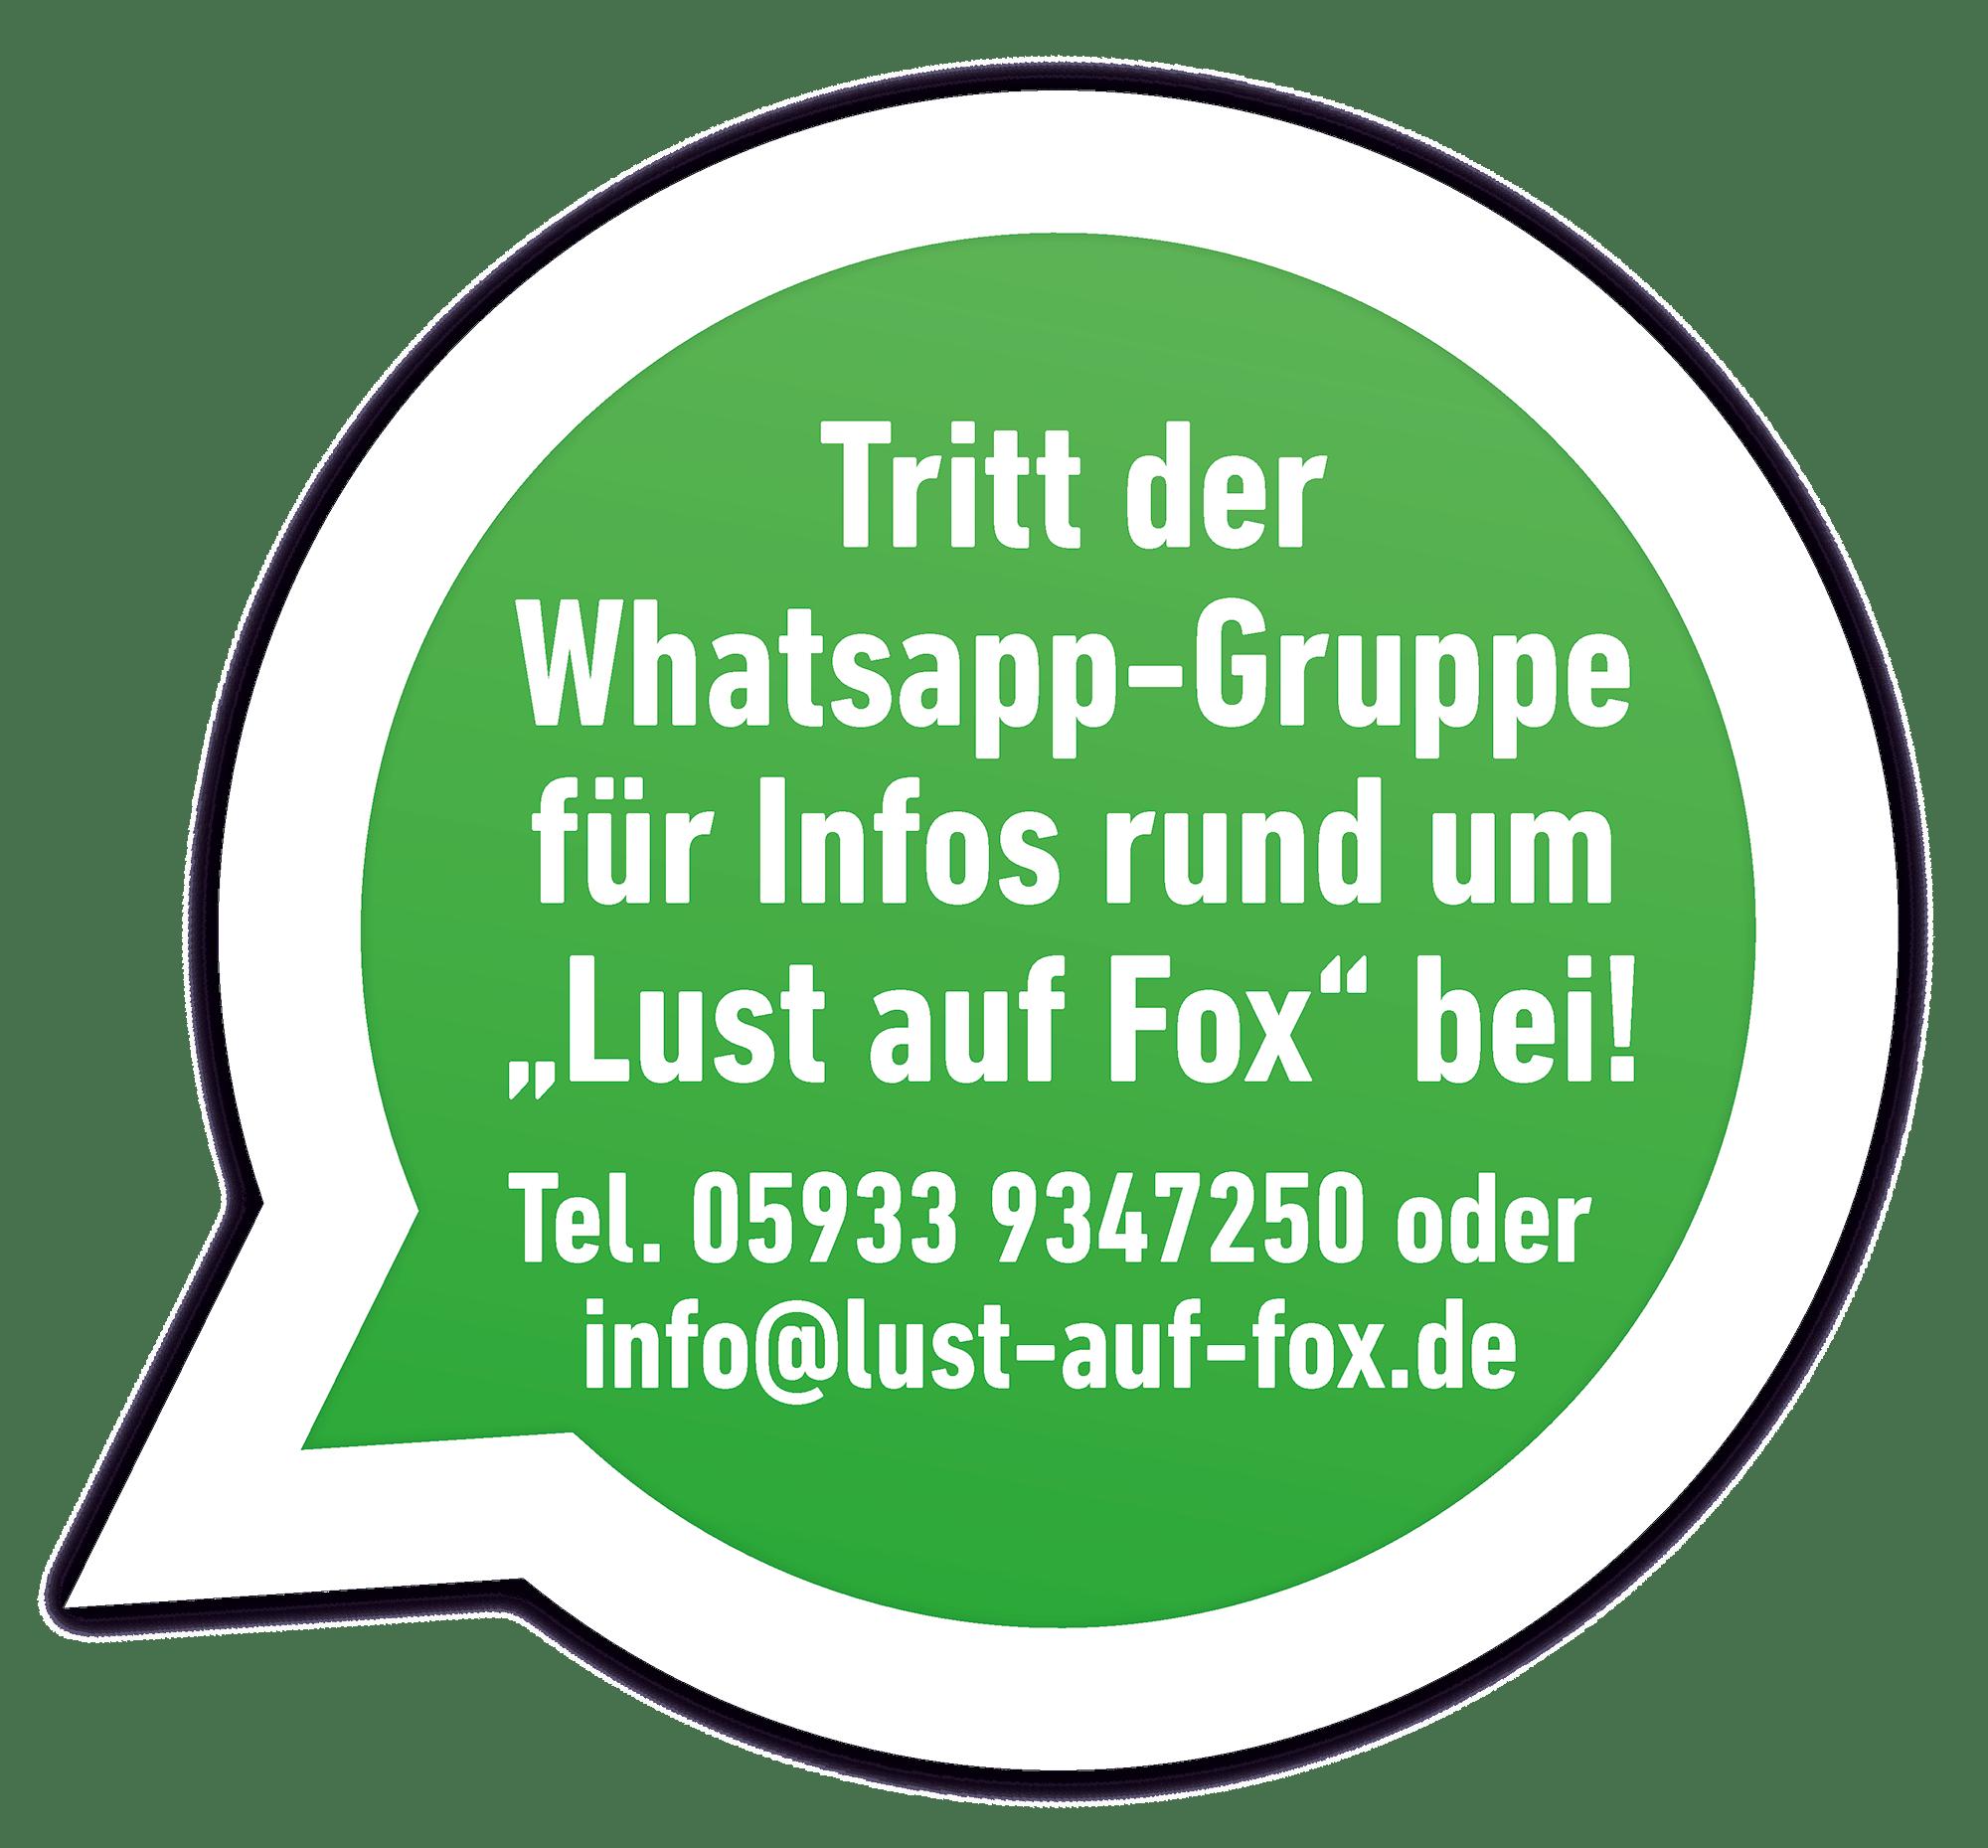 Lust auf Fox Whatsapp